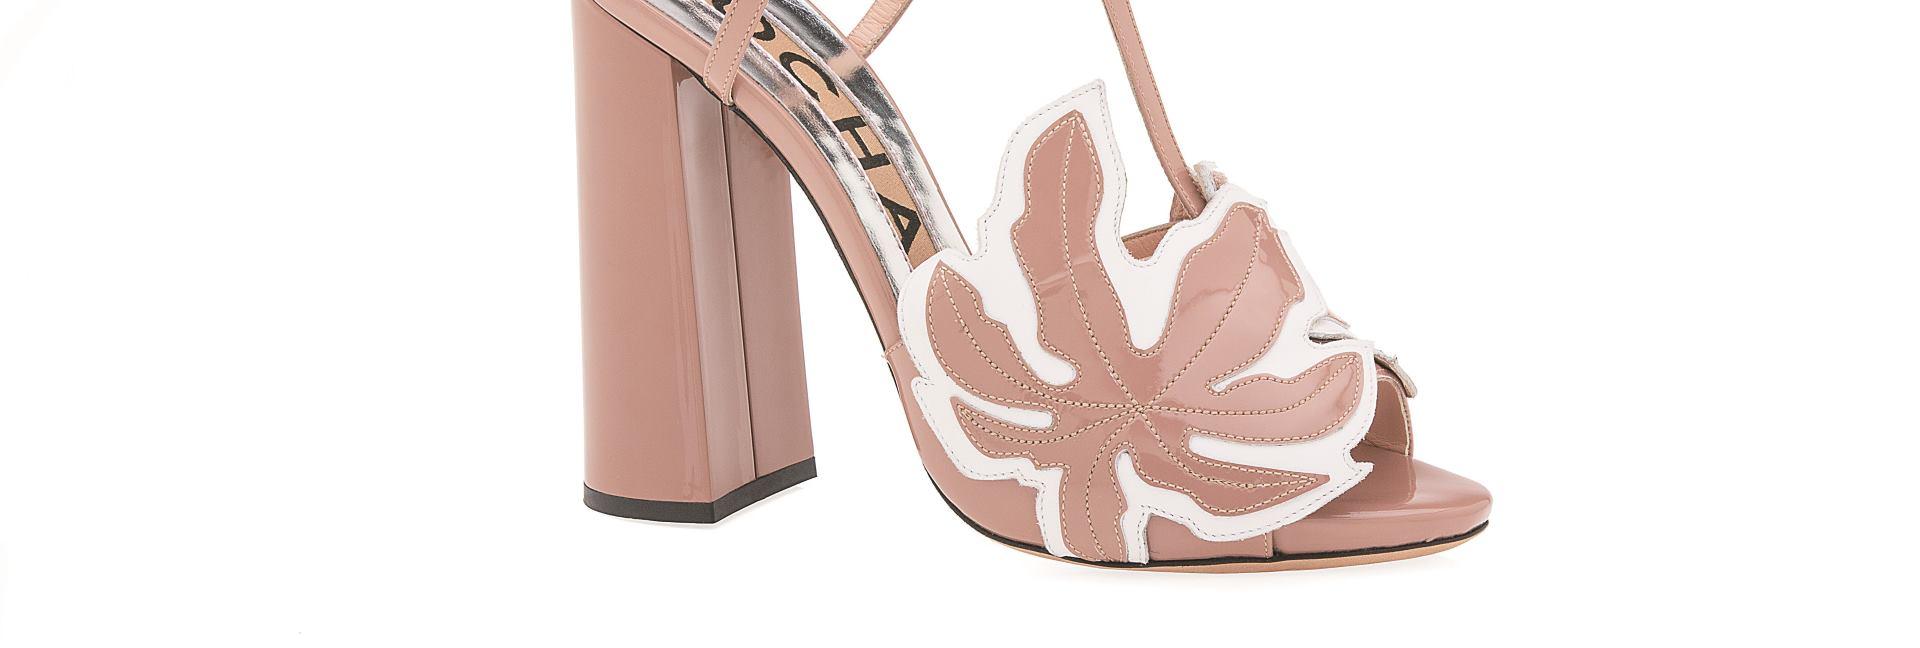 Rochas sandale sa cvjetnim motivima